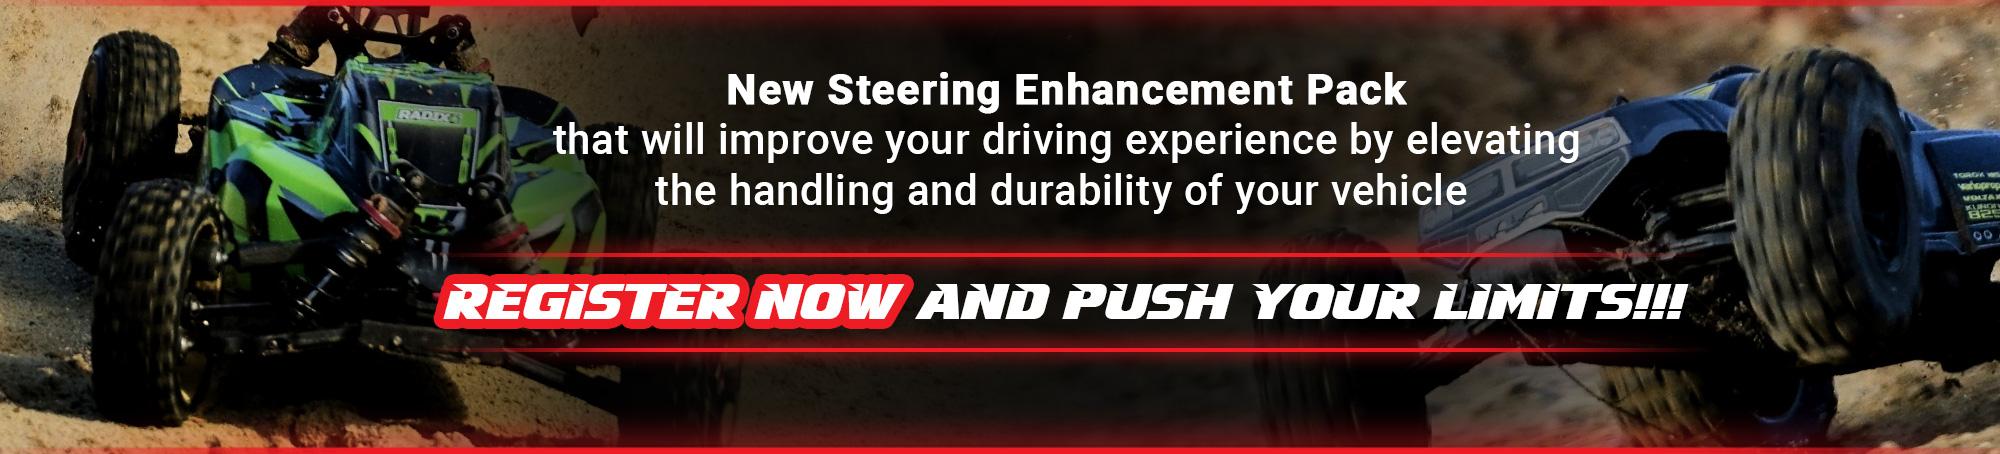 Steering Enhancement Pack